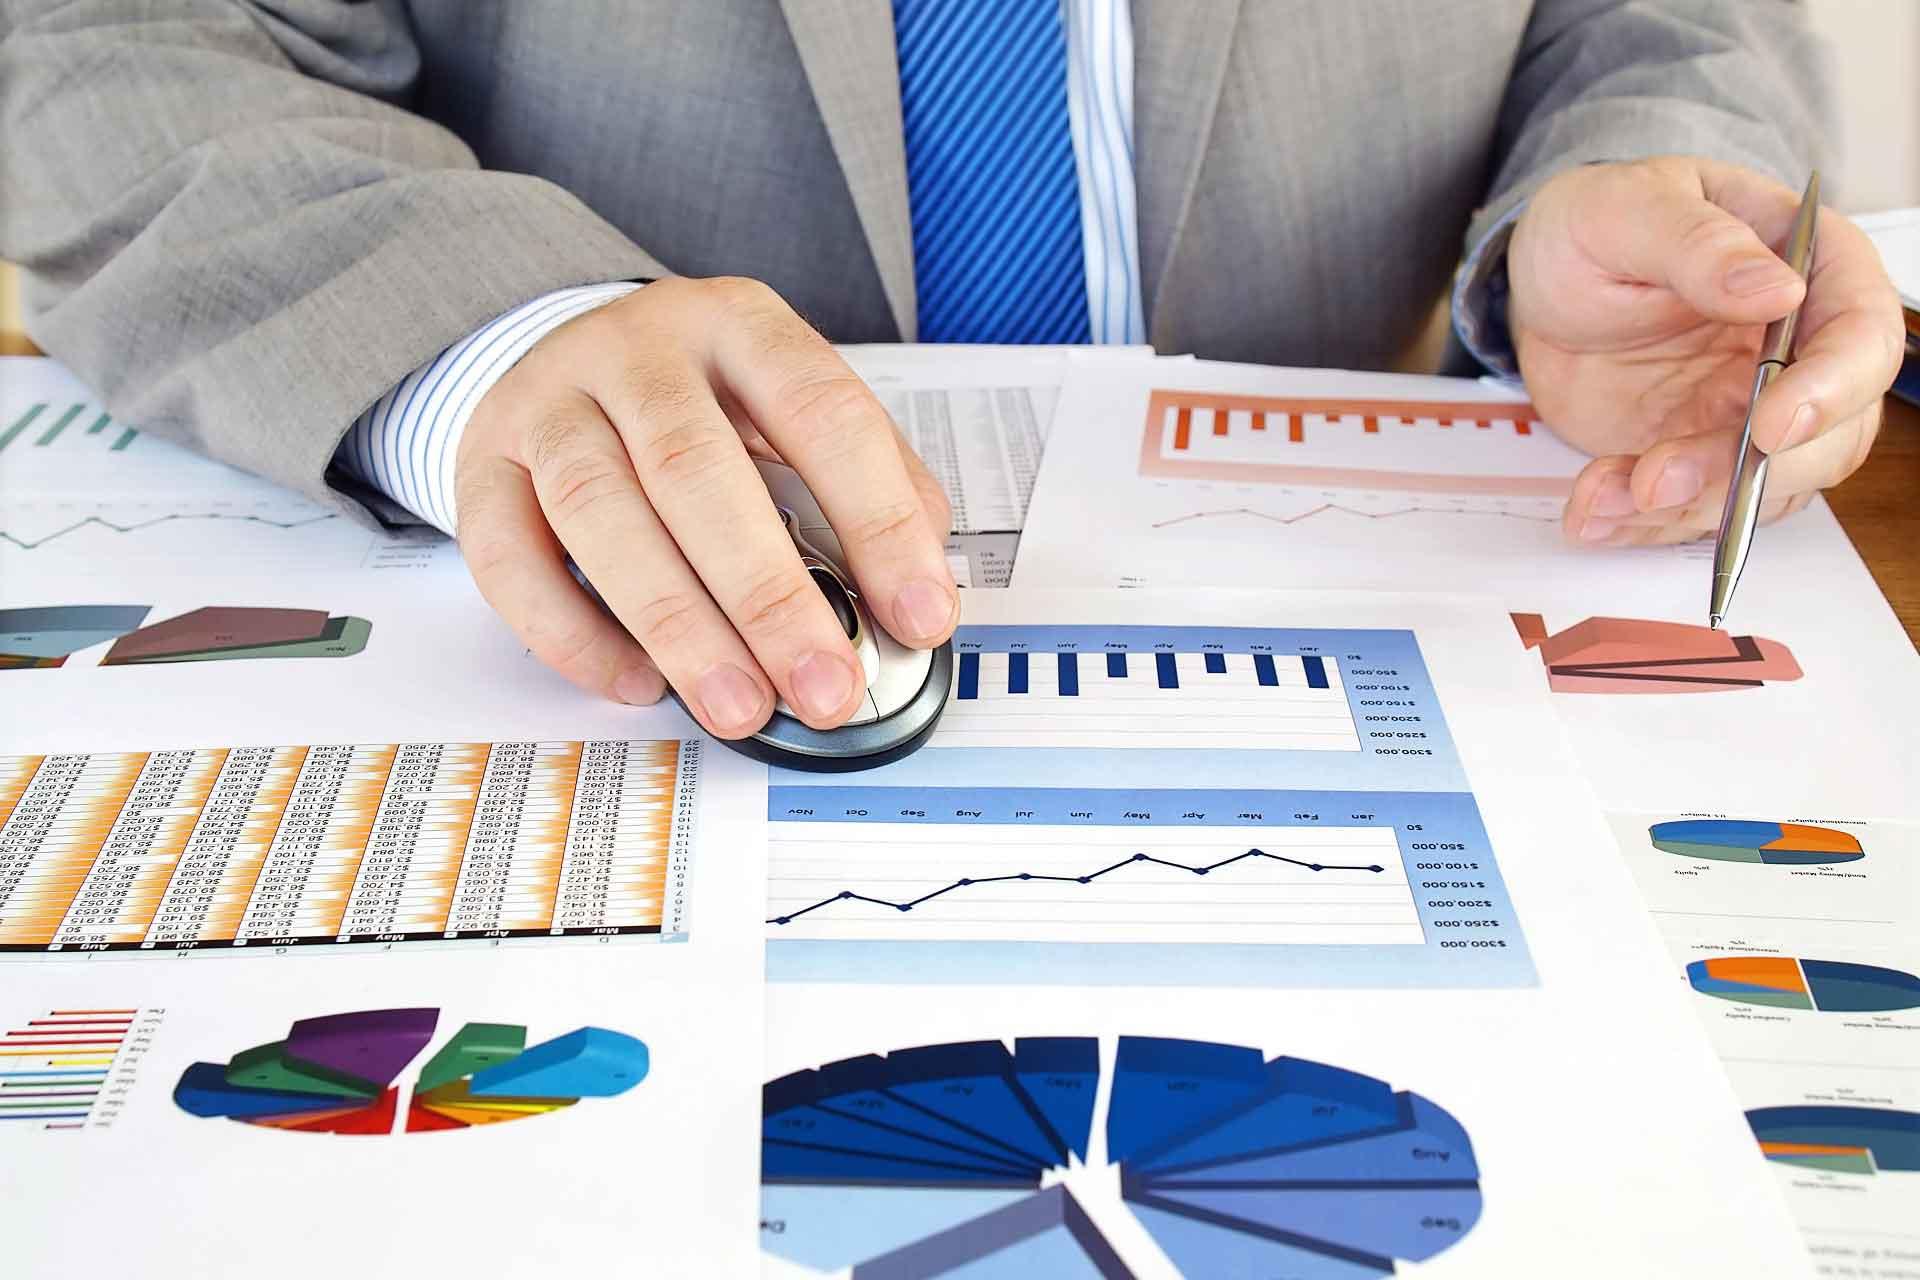 Вебинар: Бюджетное управление предприятием. Инструкция по практическому внедрению. Часть 2